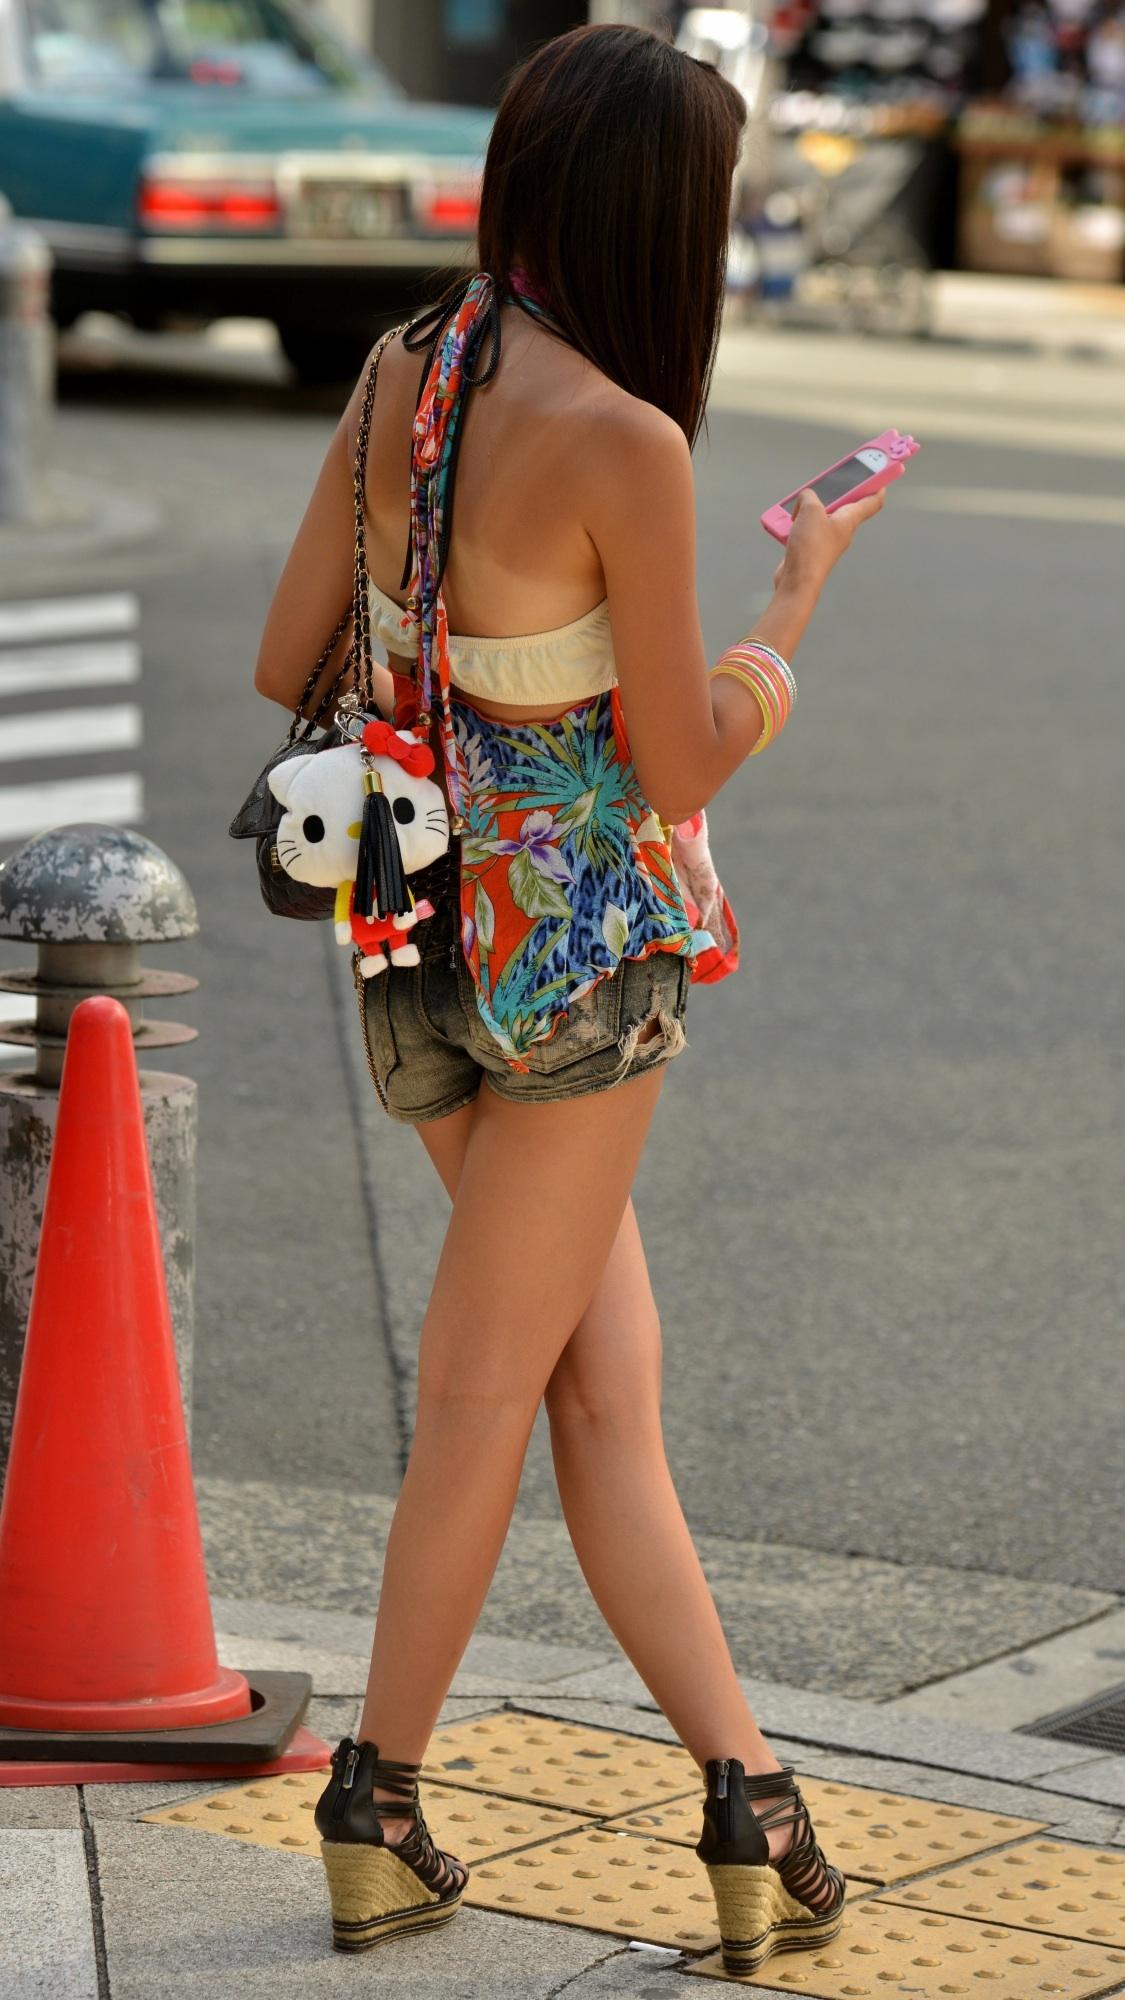 【美脚エロ画像】夏の日差しを受けて輝いて見えるショーパン女子の脚!